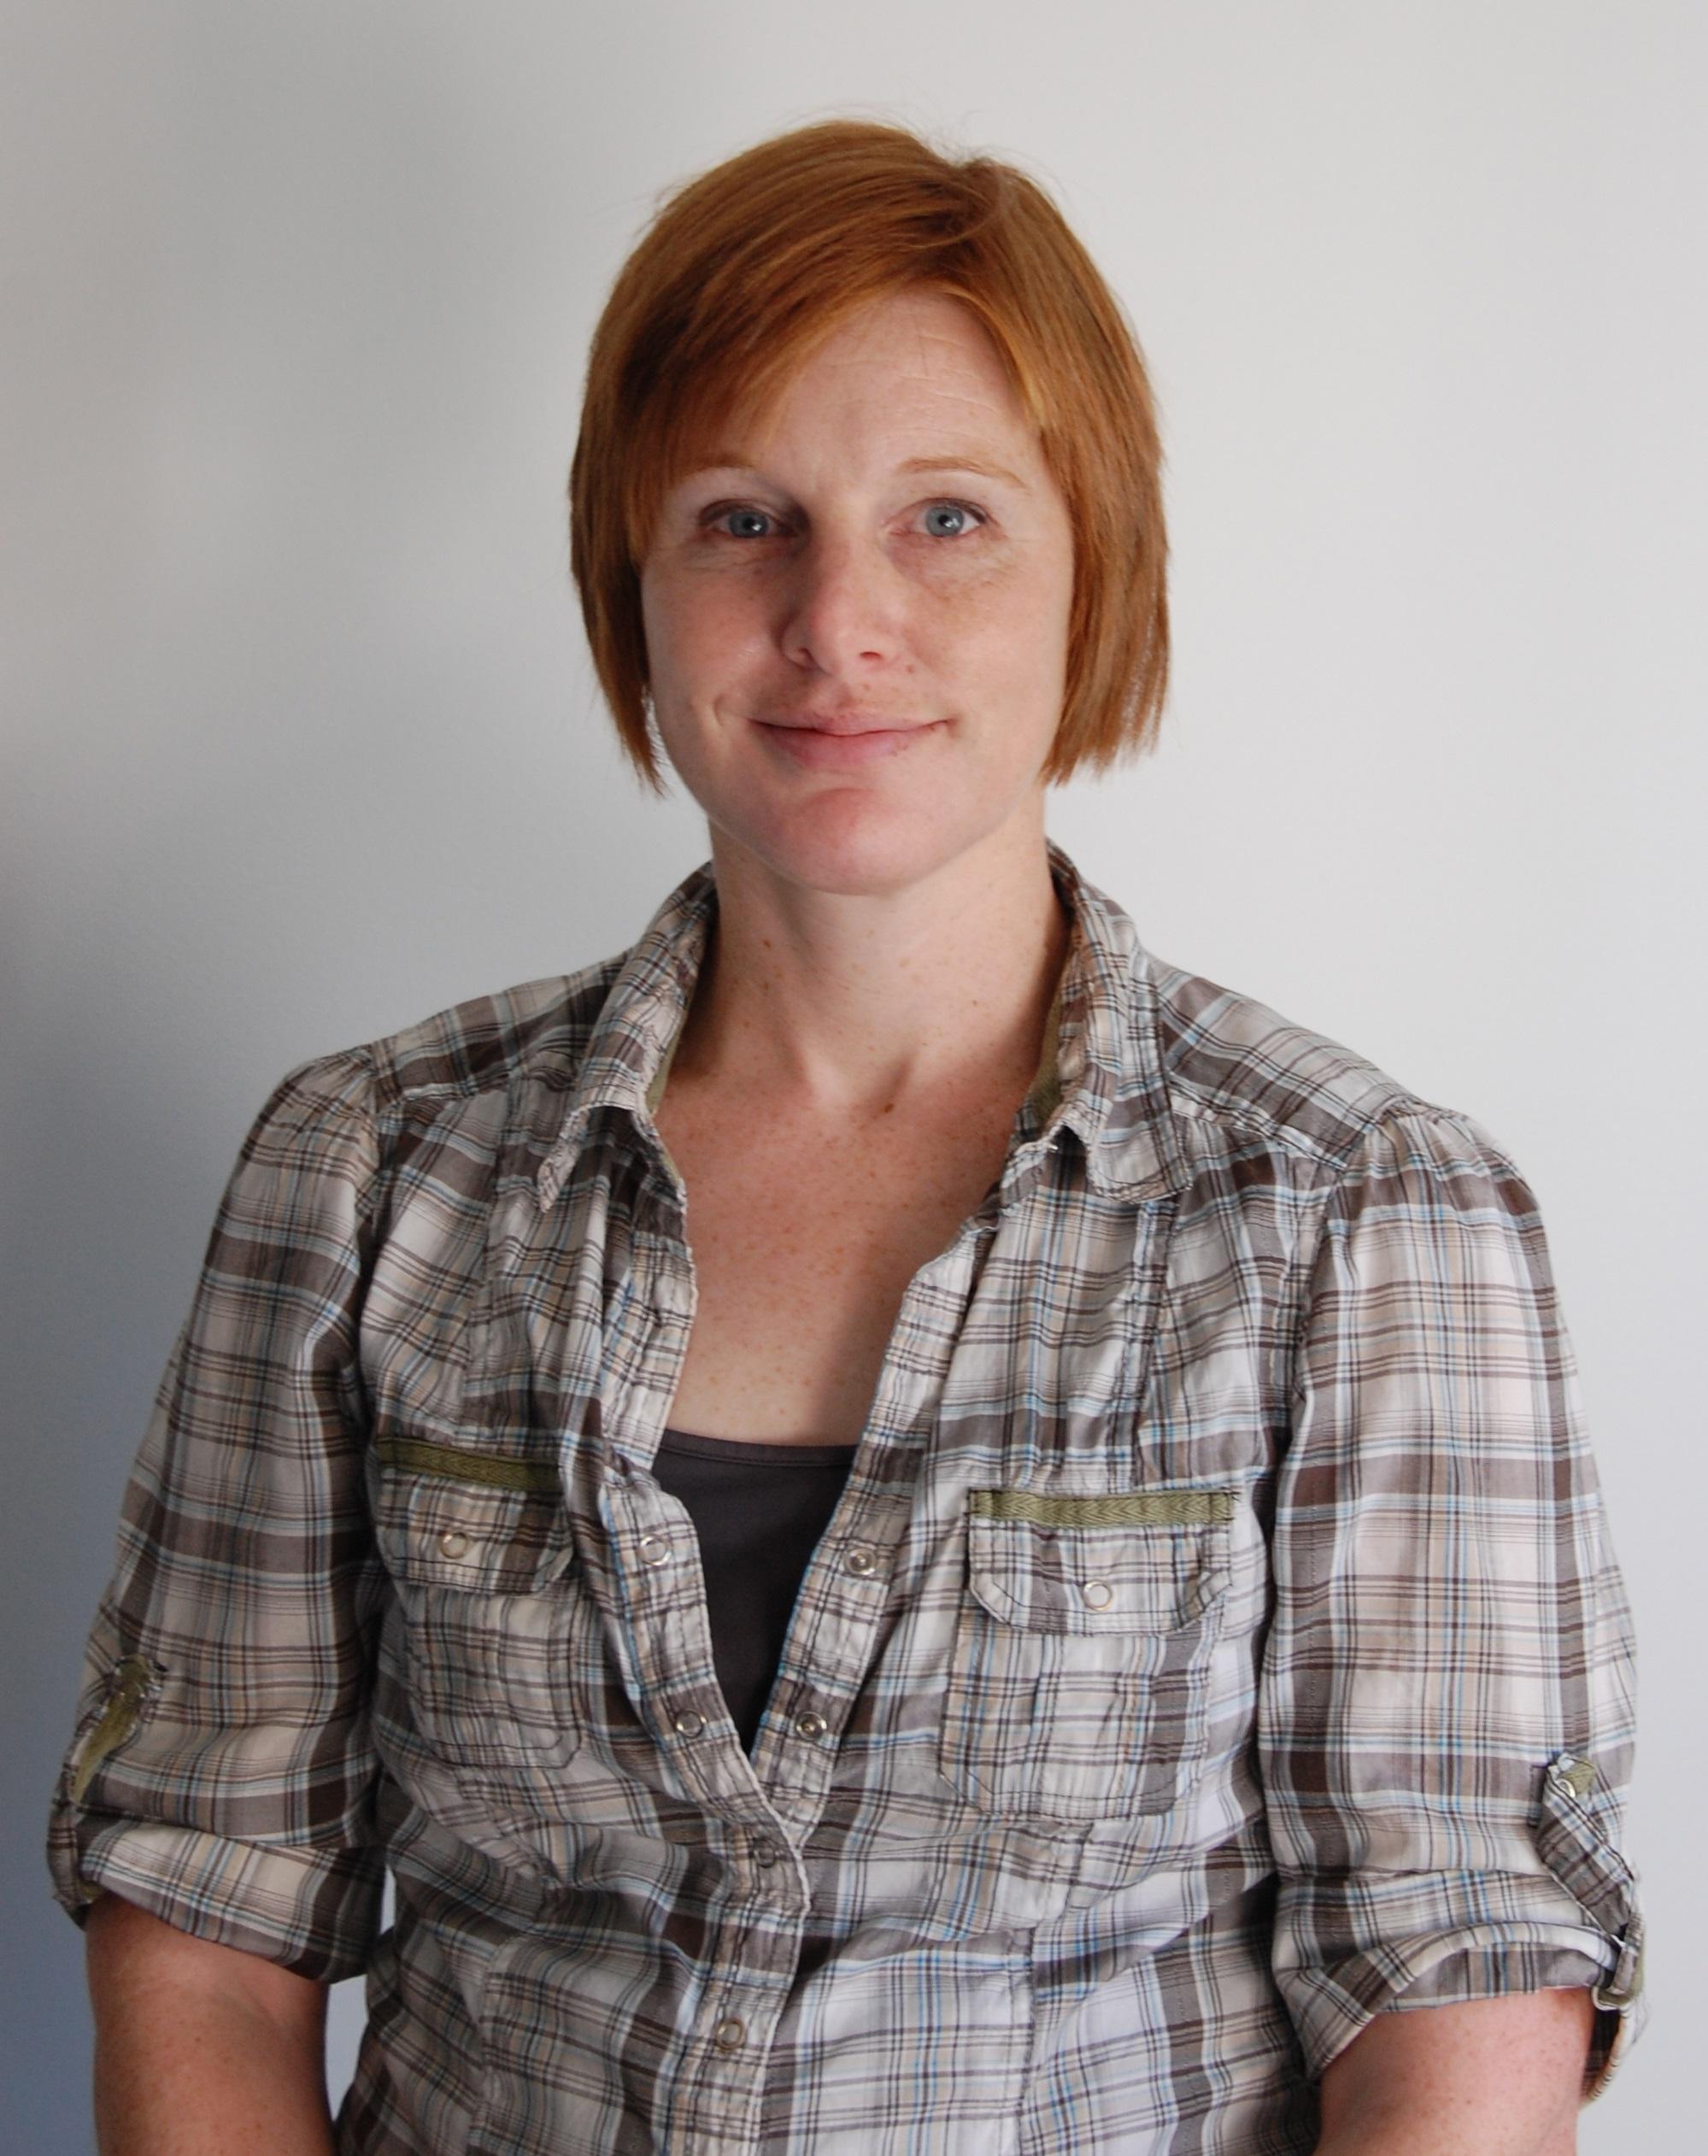 Jeanette Gaultier